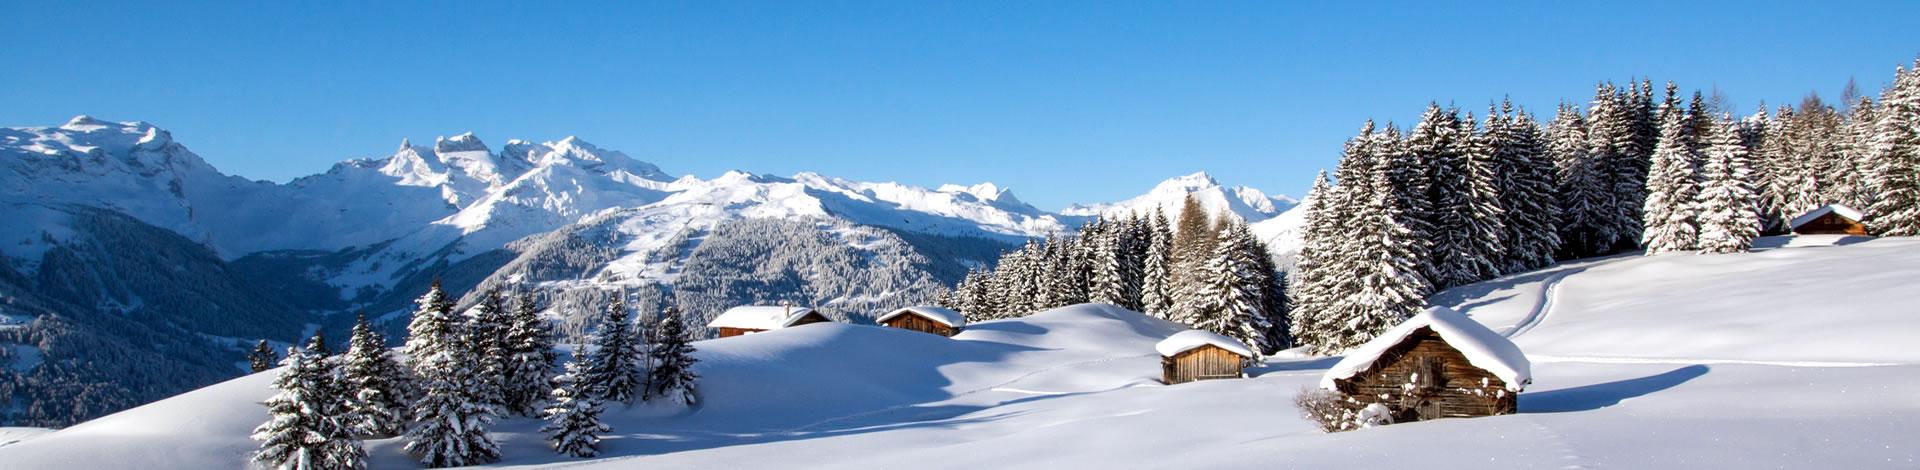 Conseils et informations pour des vacances d'hiver en toute sécurité.